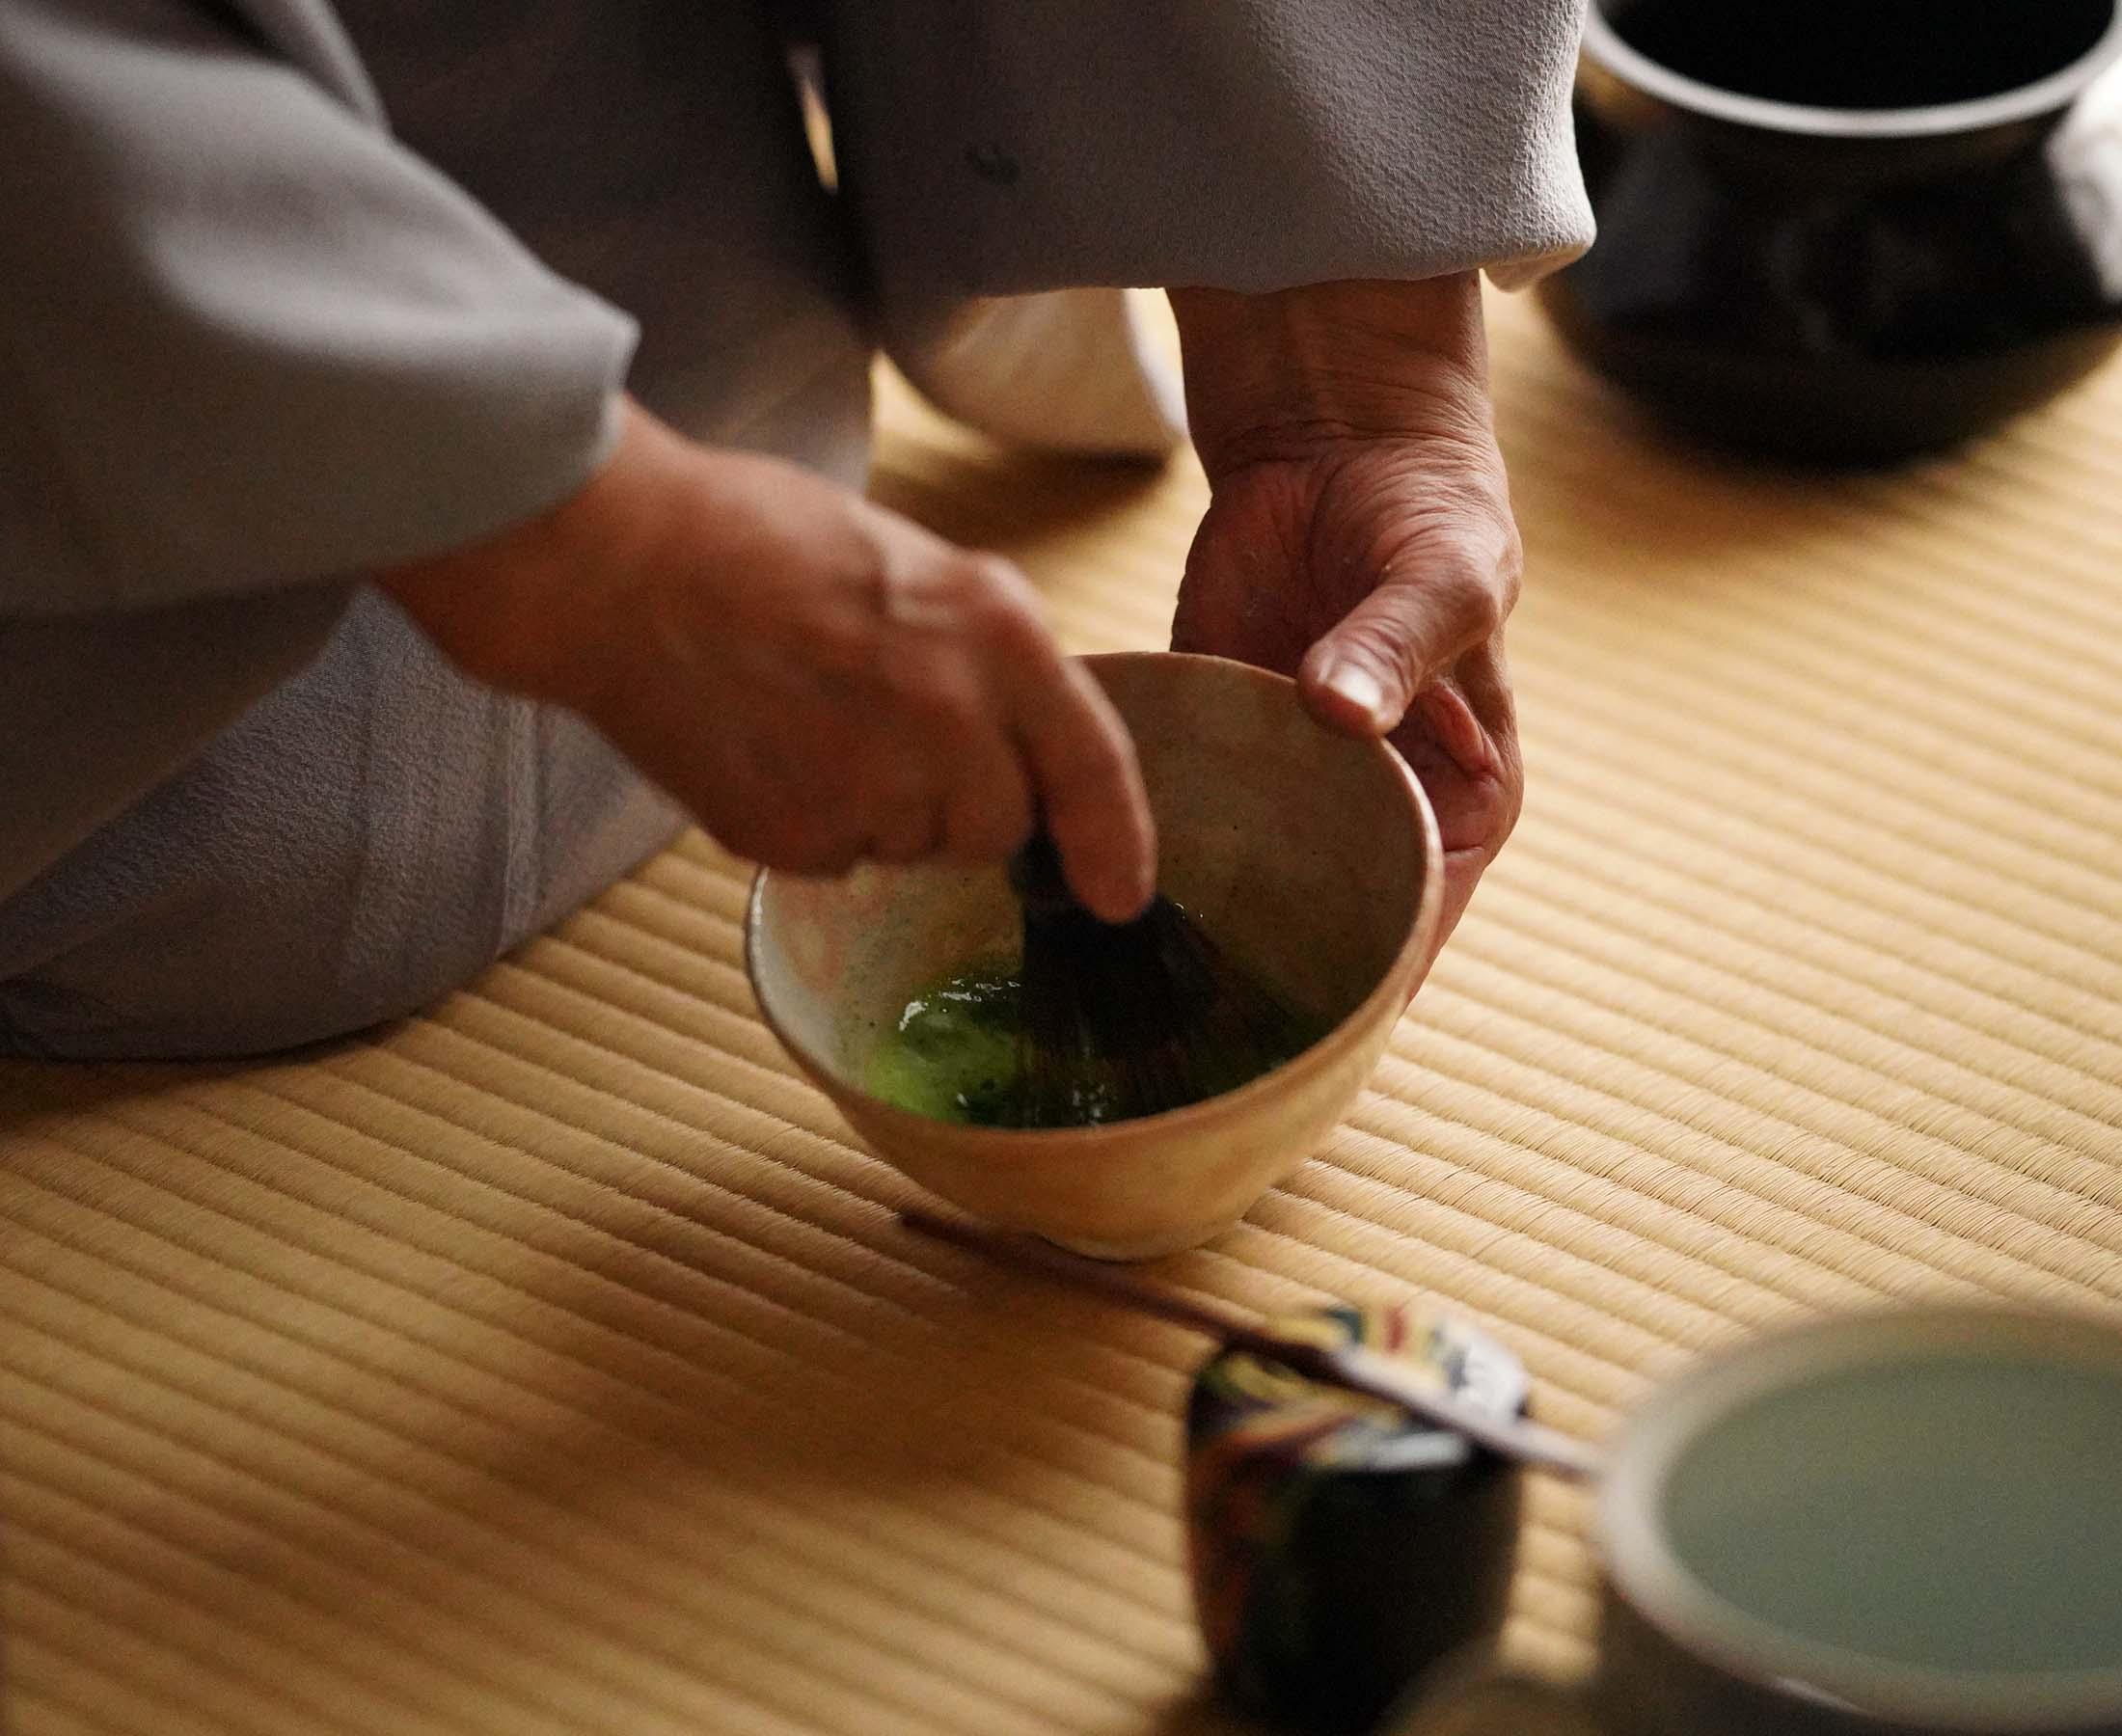 伝利休茶室で創作工芸生菓子付きお抹茶体験(松江歴史館常設観覧付きプラン)